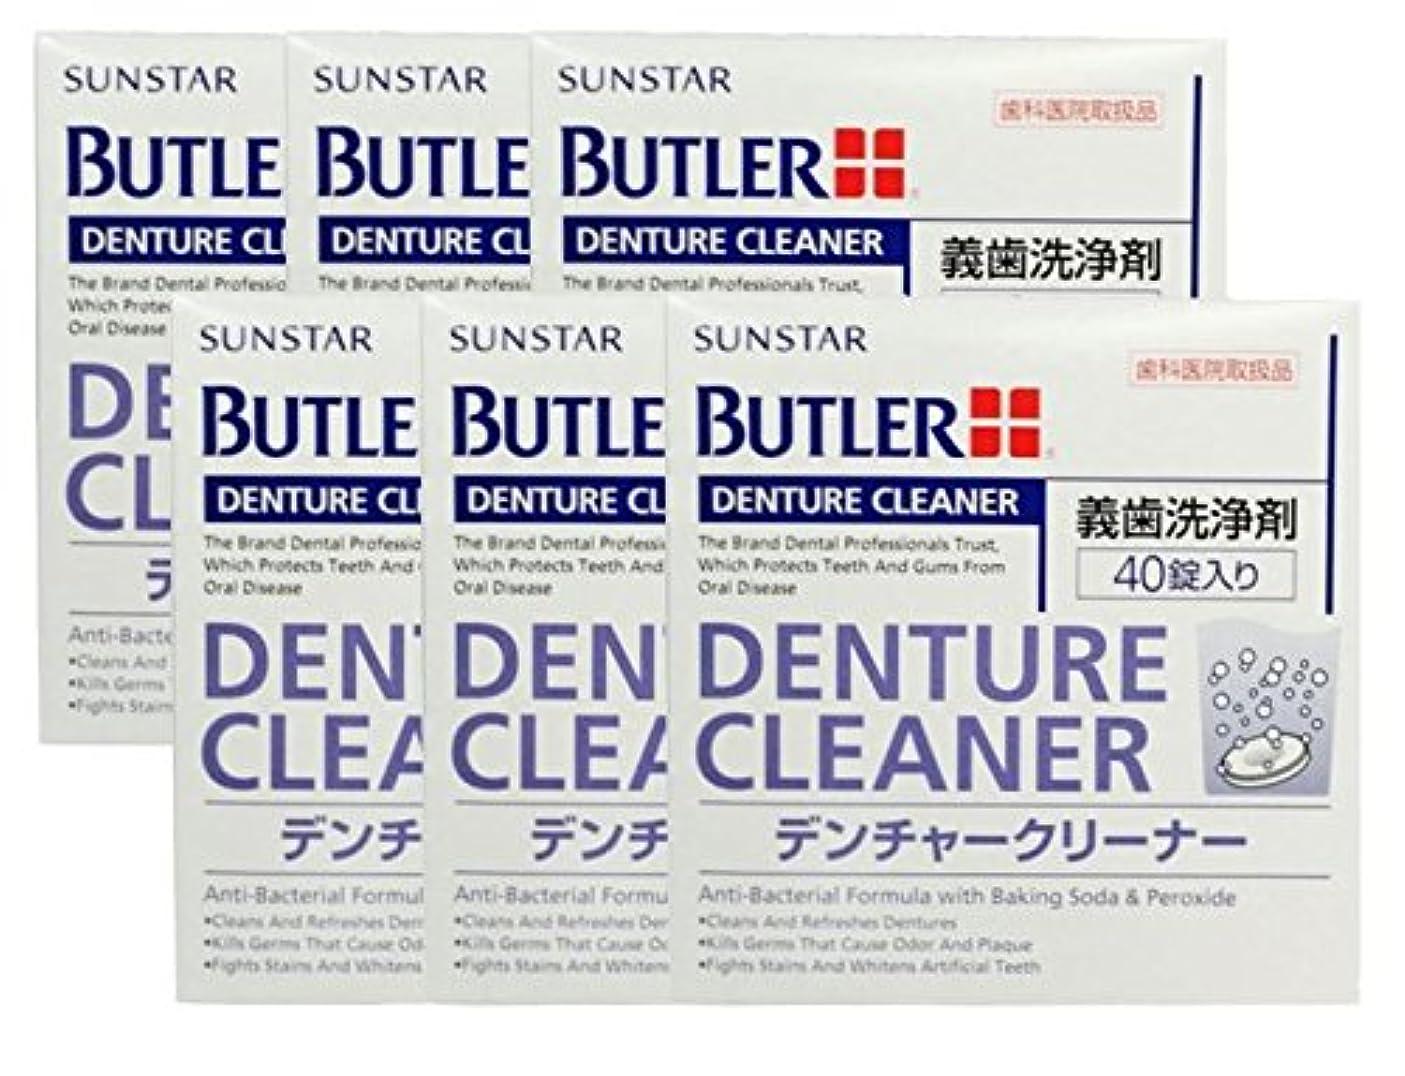 強大な光沢お酢サンスター/バトラー歯科用バトラー デンチャークリーナー #250P 6箱 義歯洗浄剤 6個入/箱